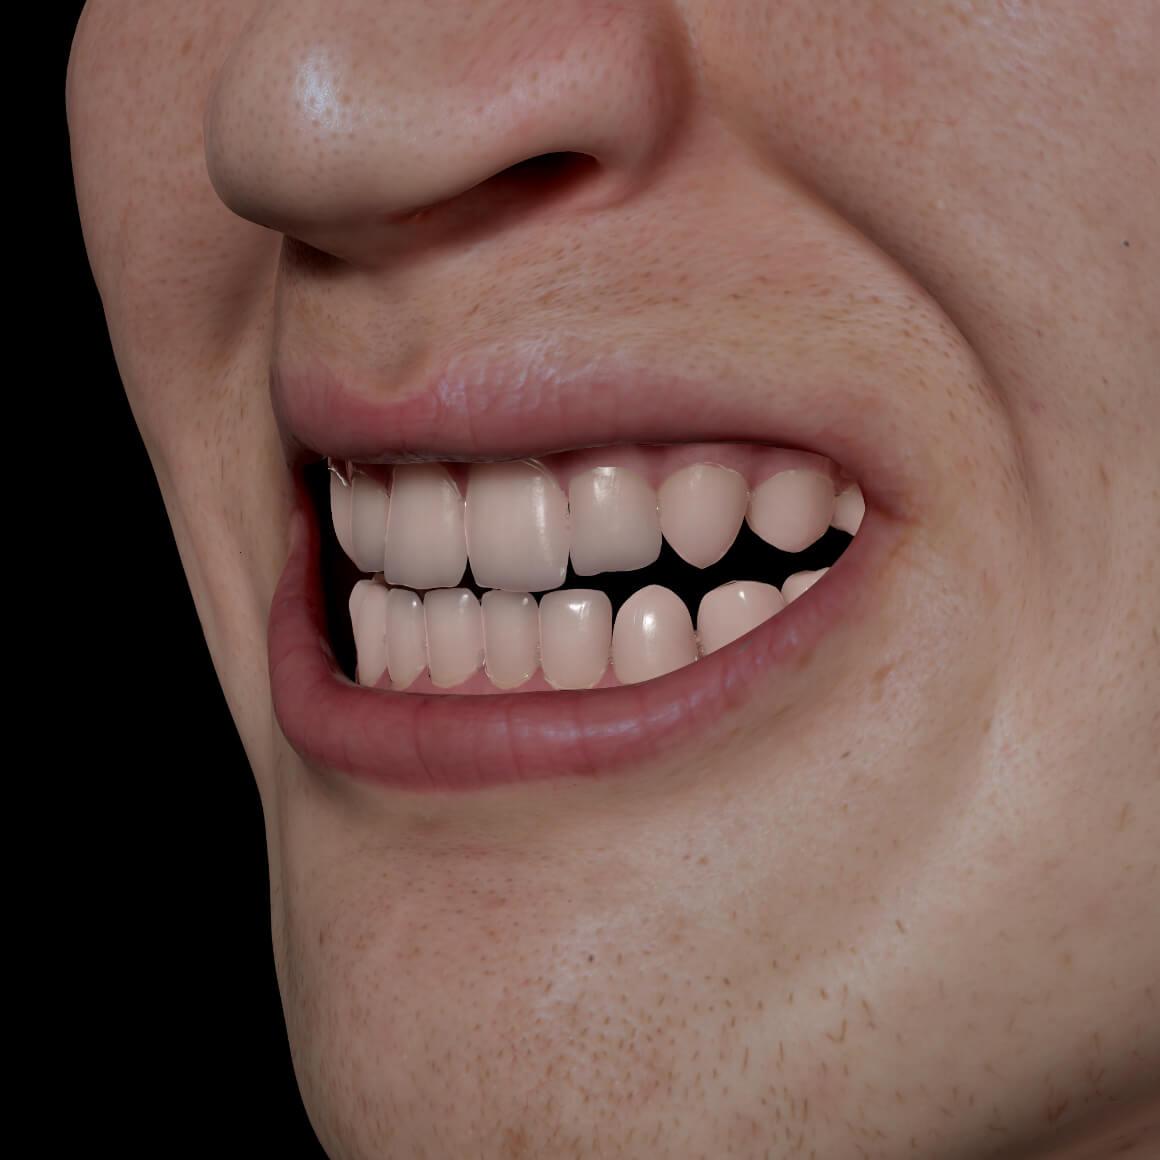 Sourire d'un patient de la Clinique Chloé positionné en angle démontrant des dents blanches après un blanchiment dentaire